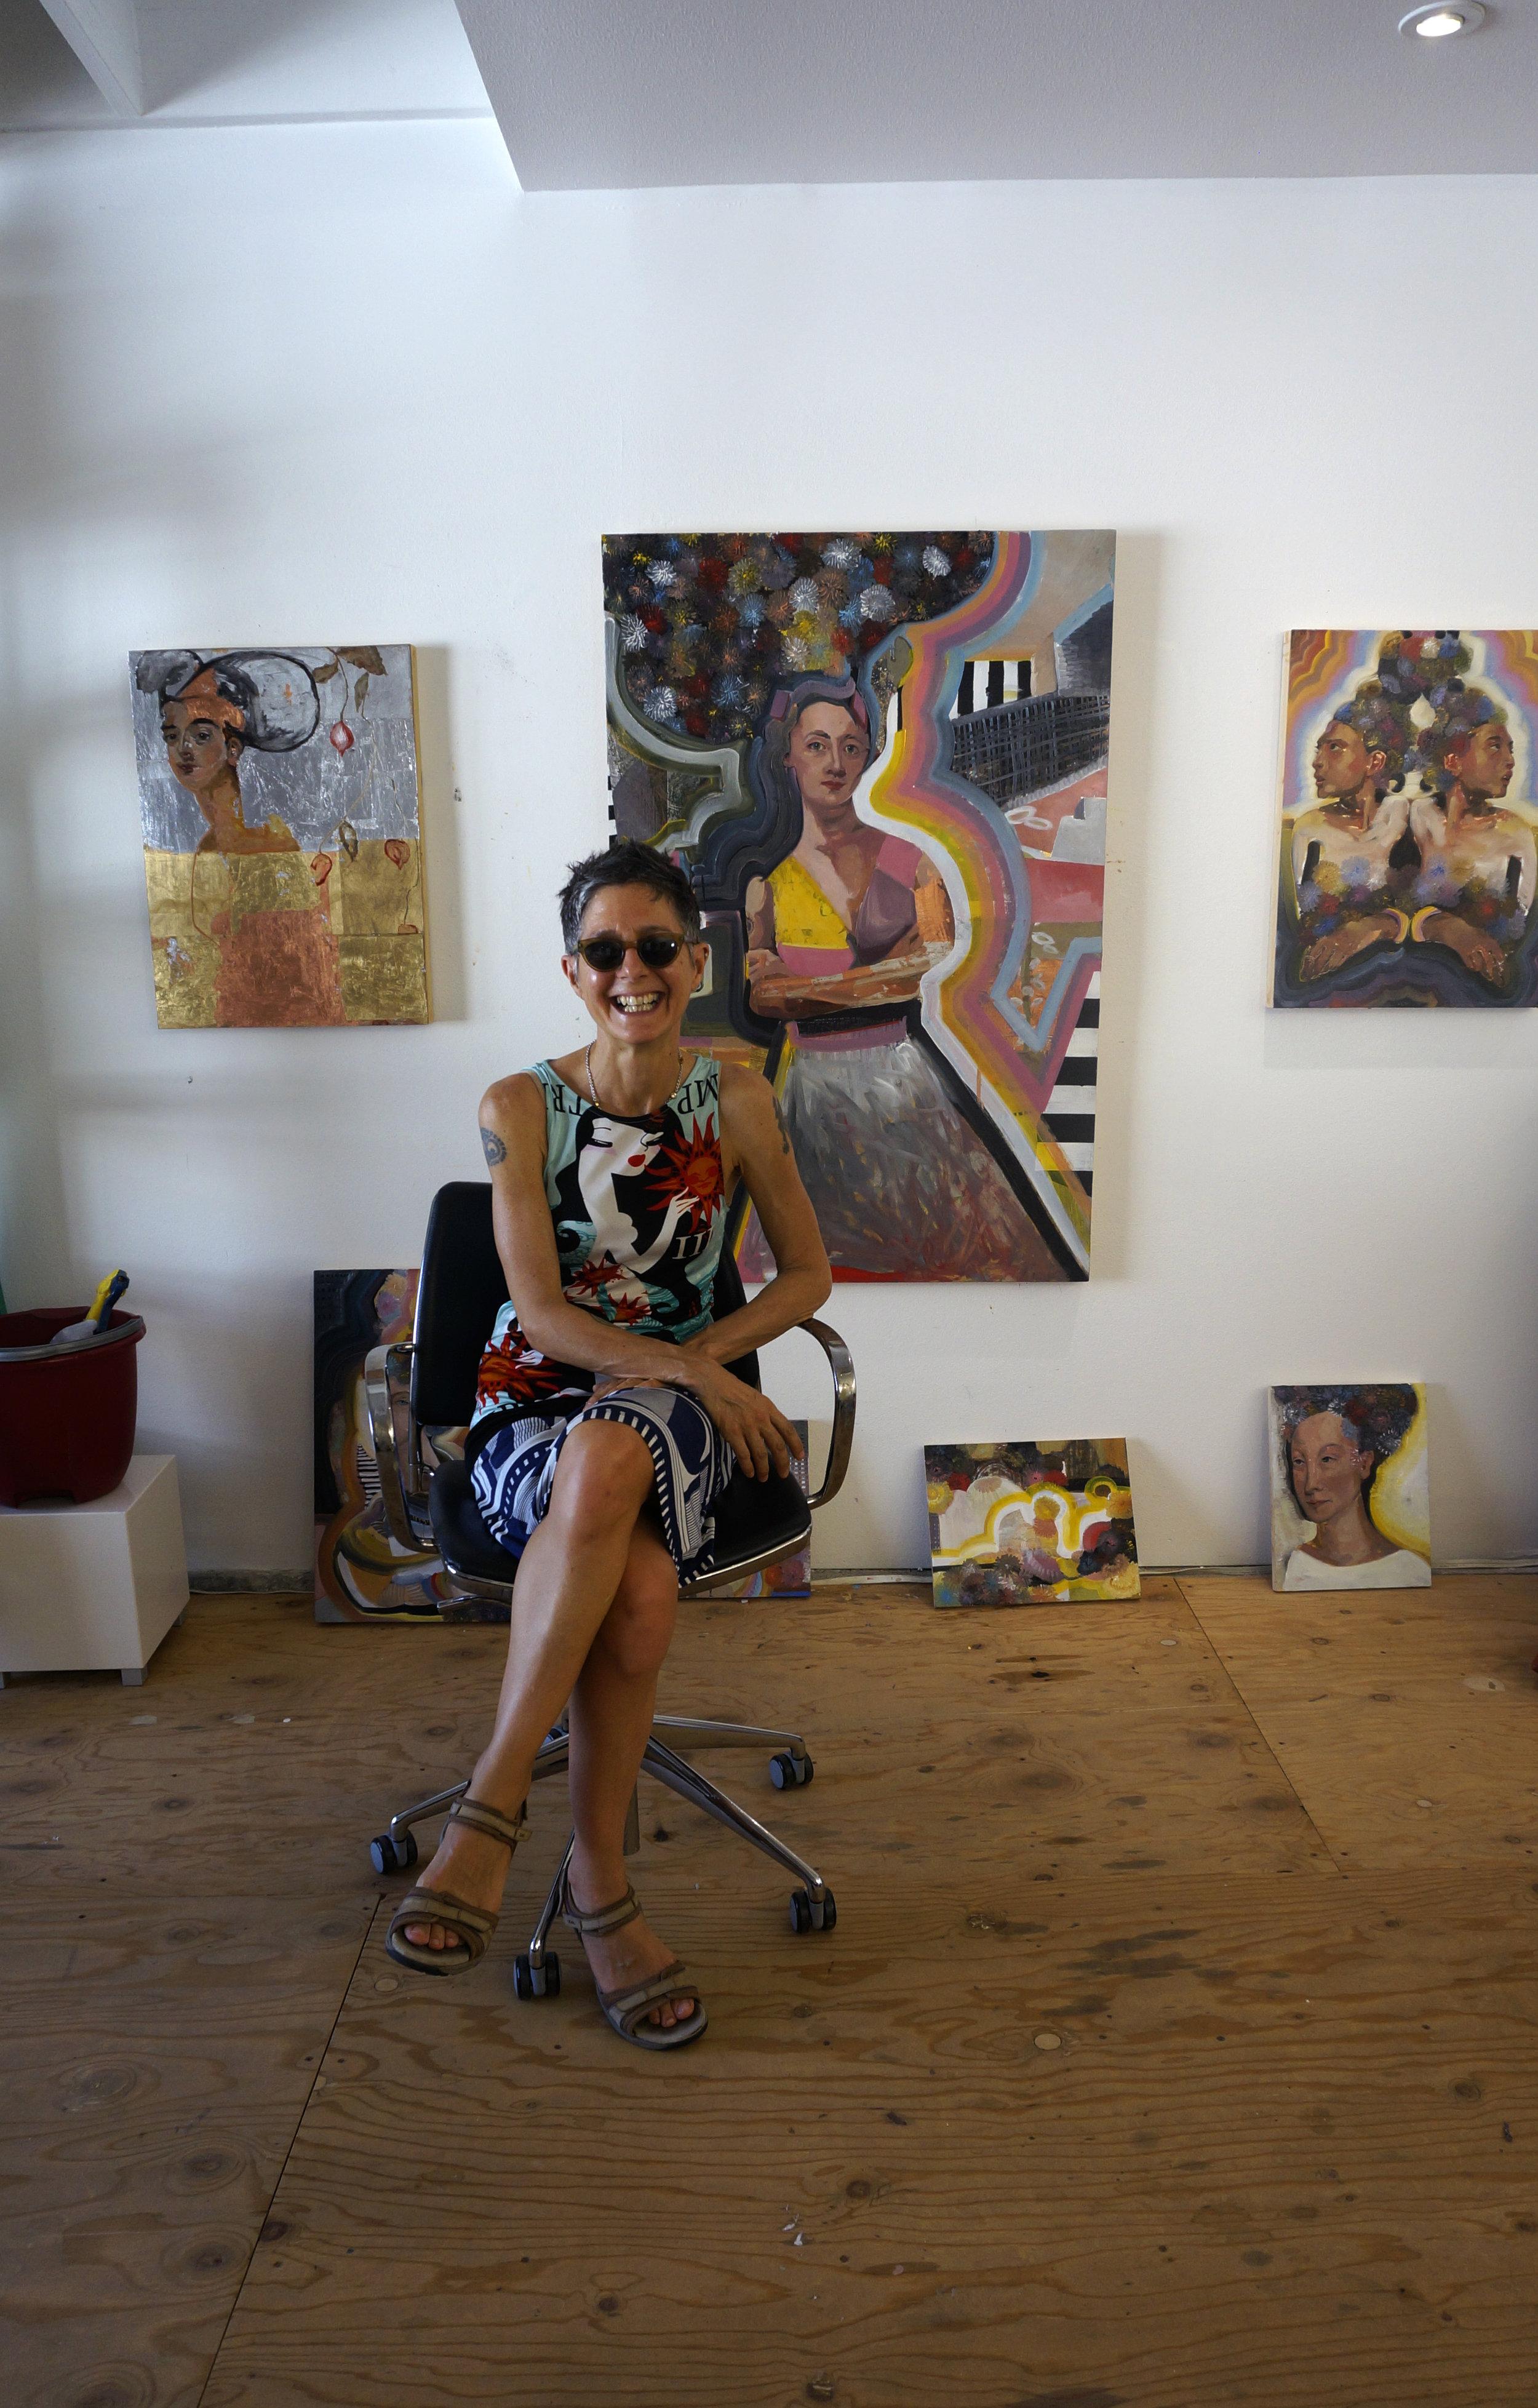 kim manfredi in her studio, 2018